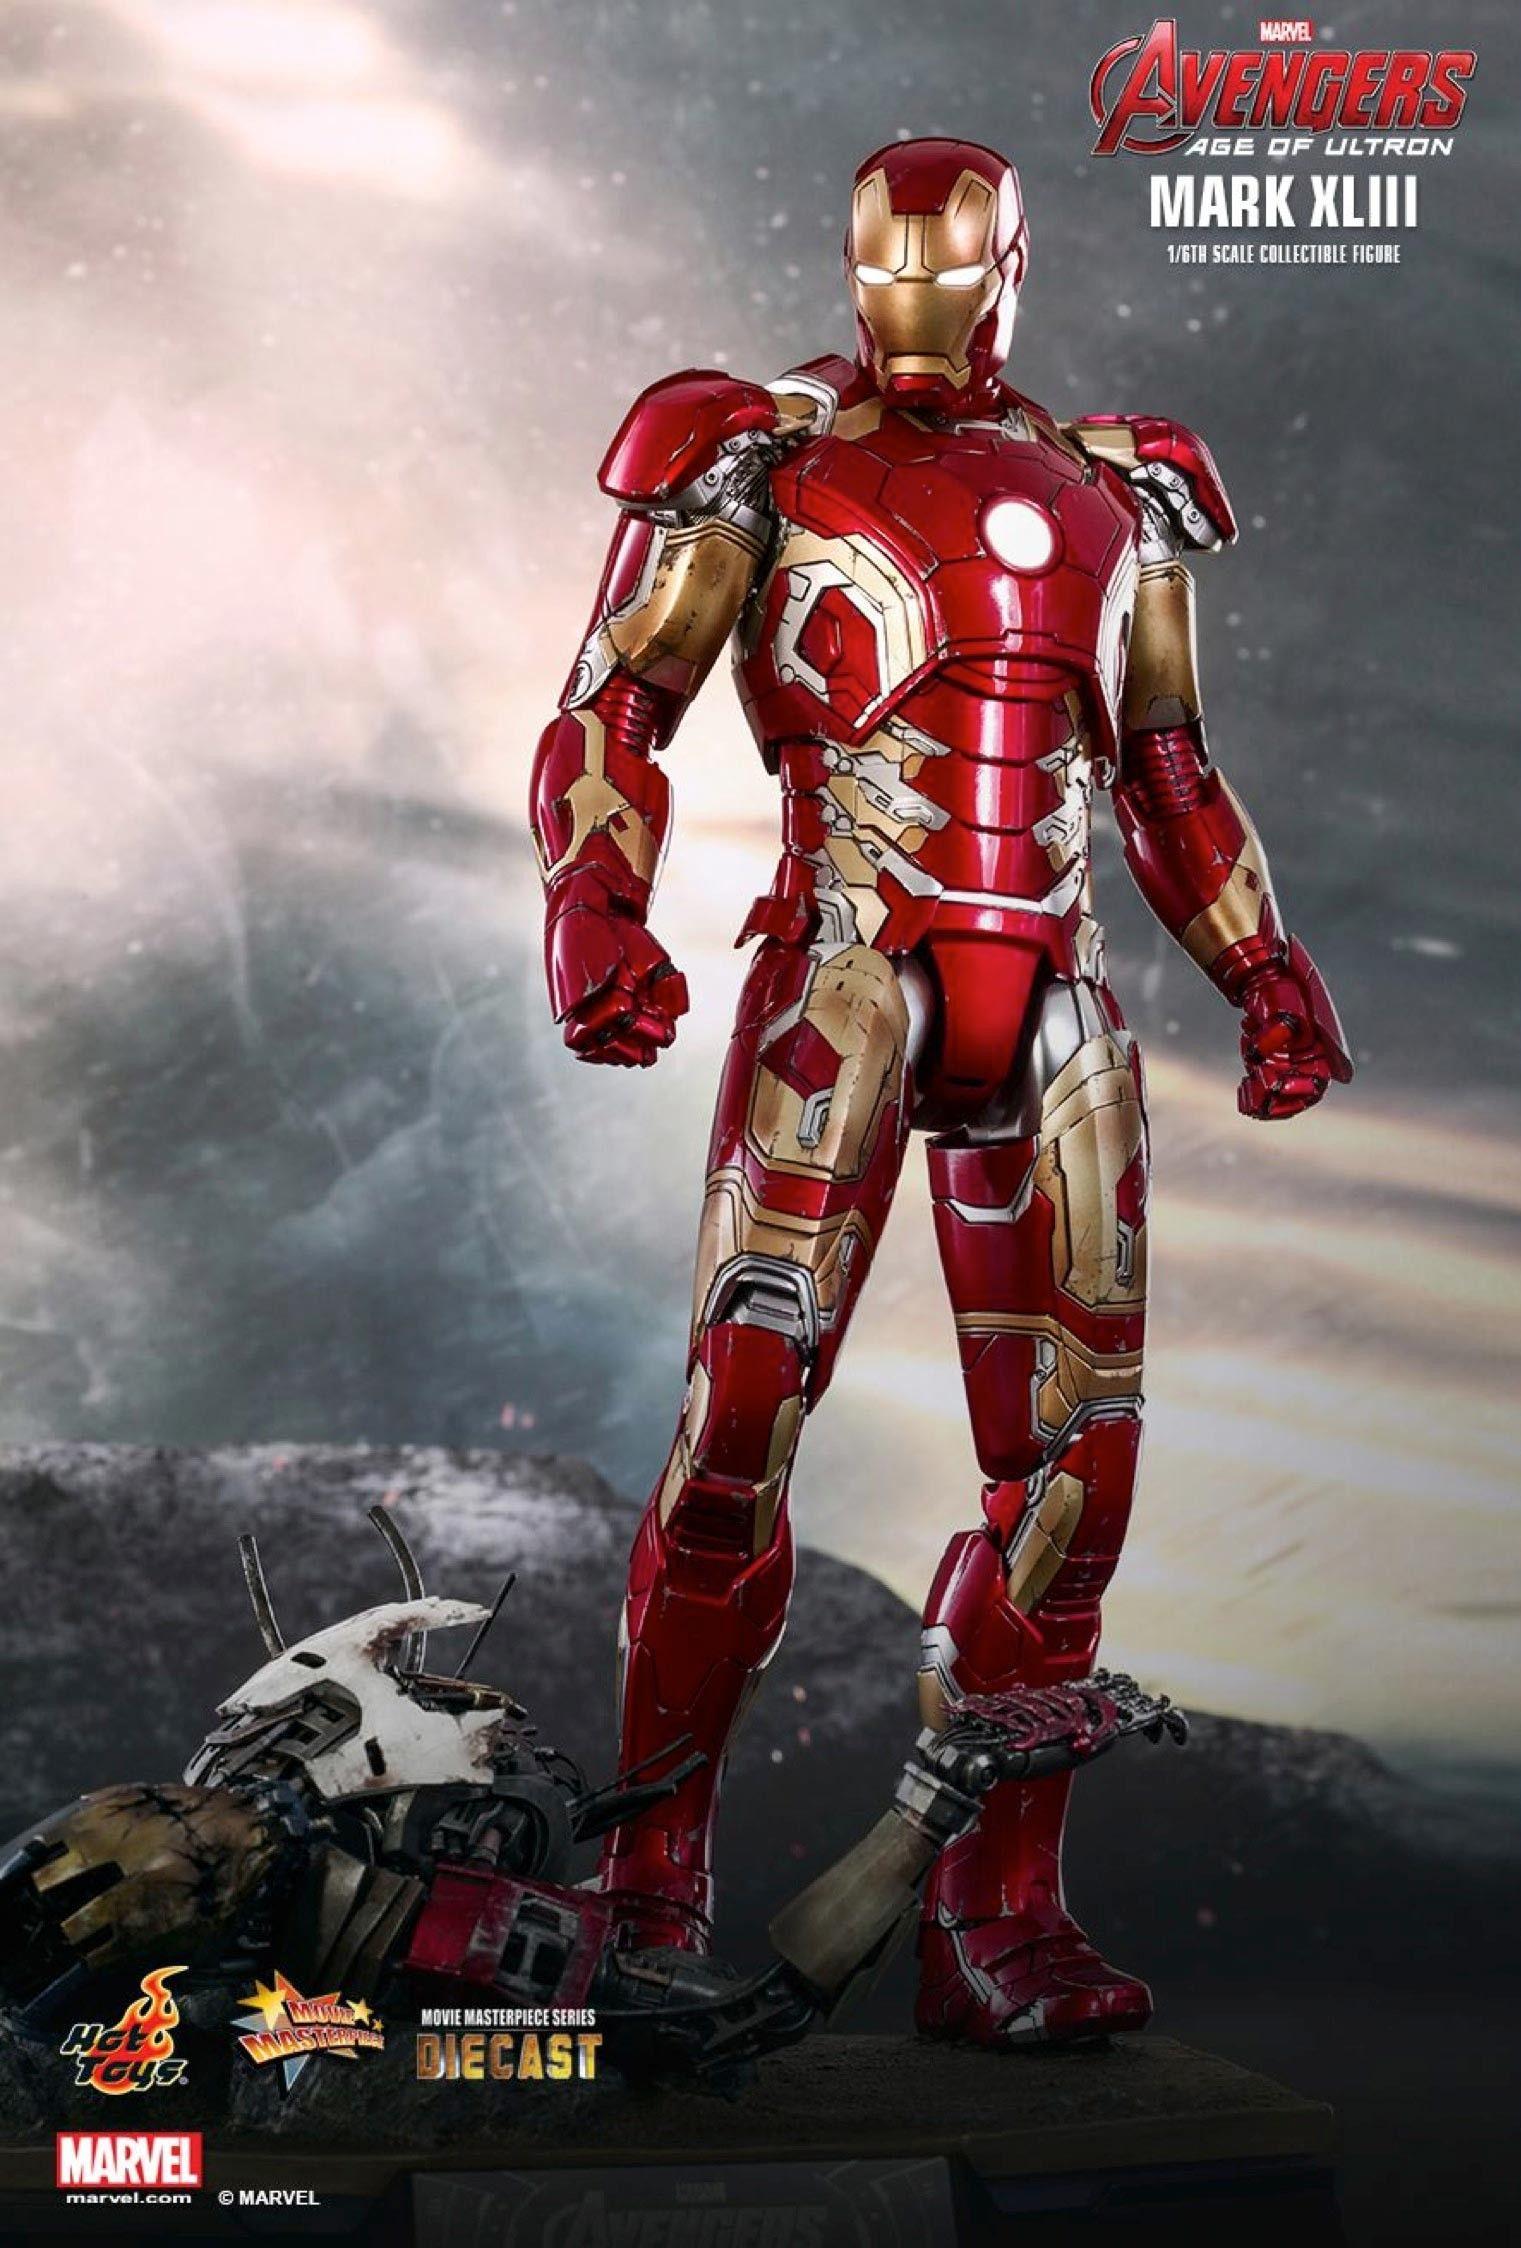 Avengers age of ultron mark xliii sixth scale figure